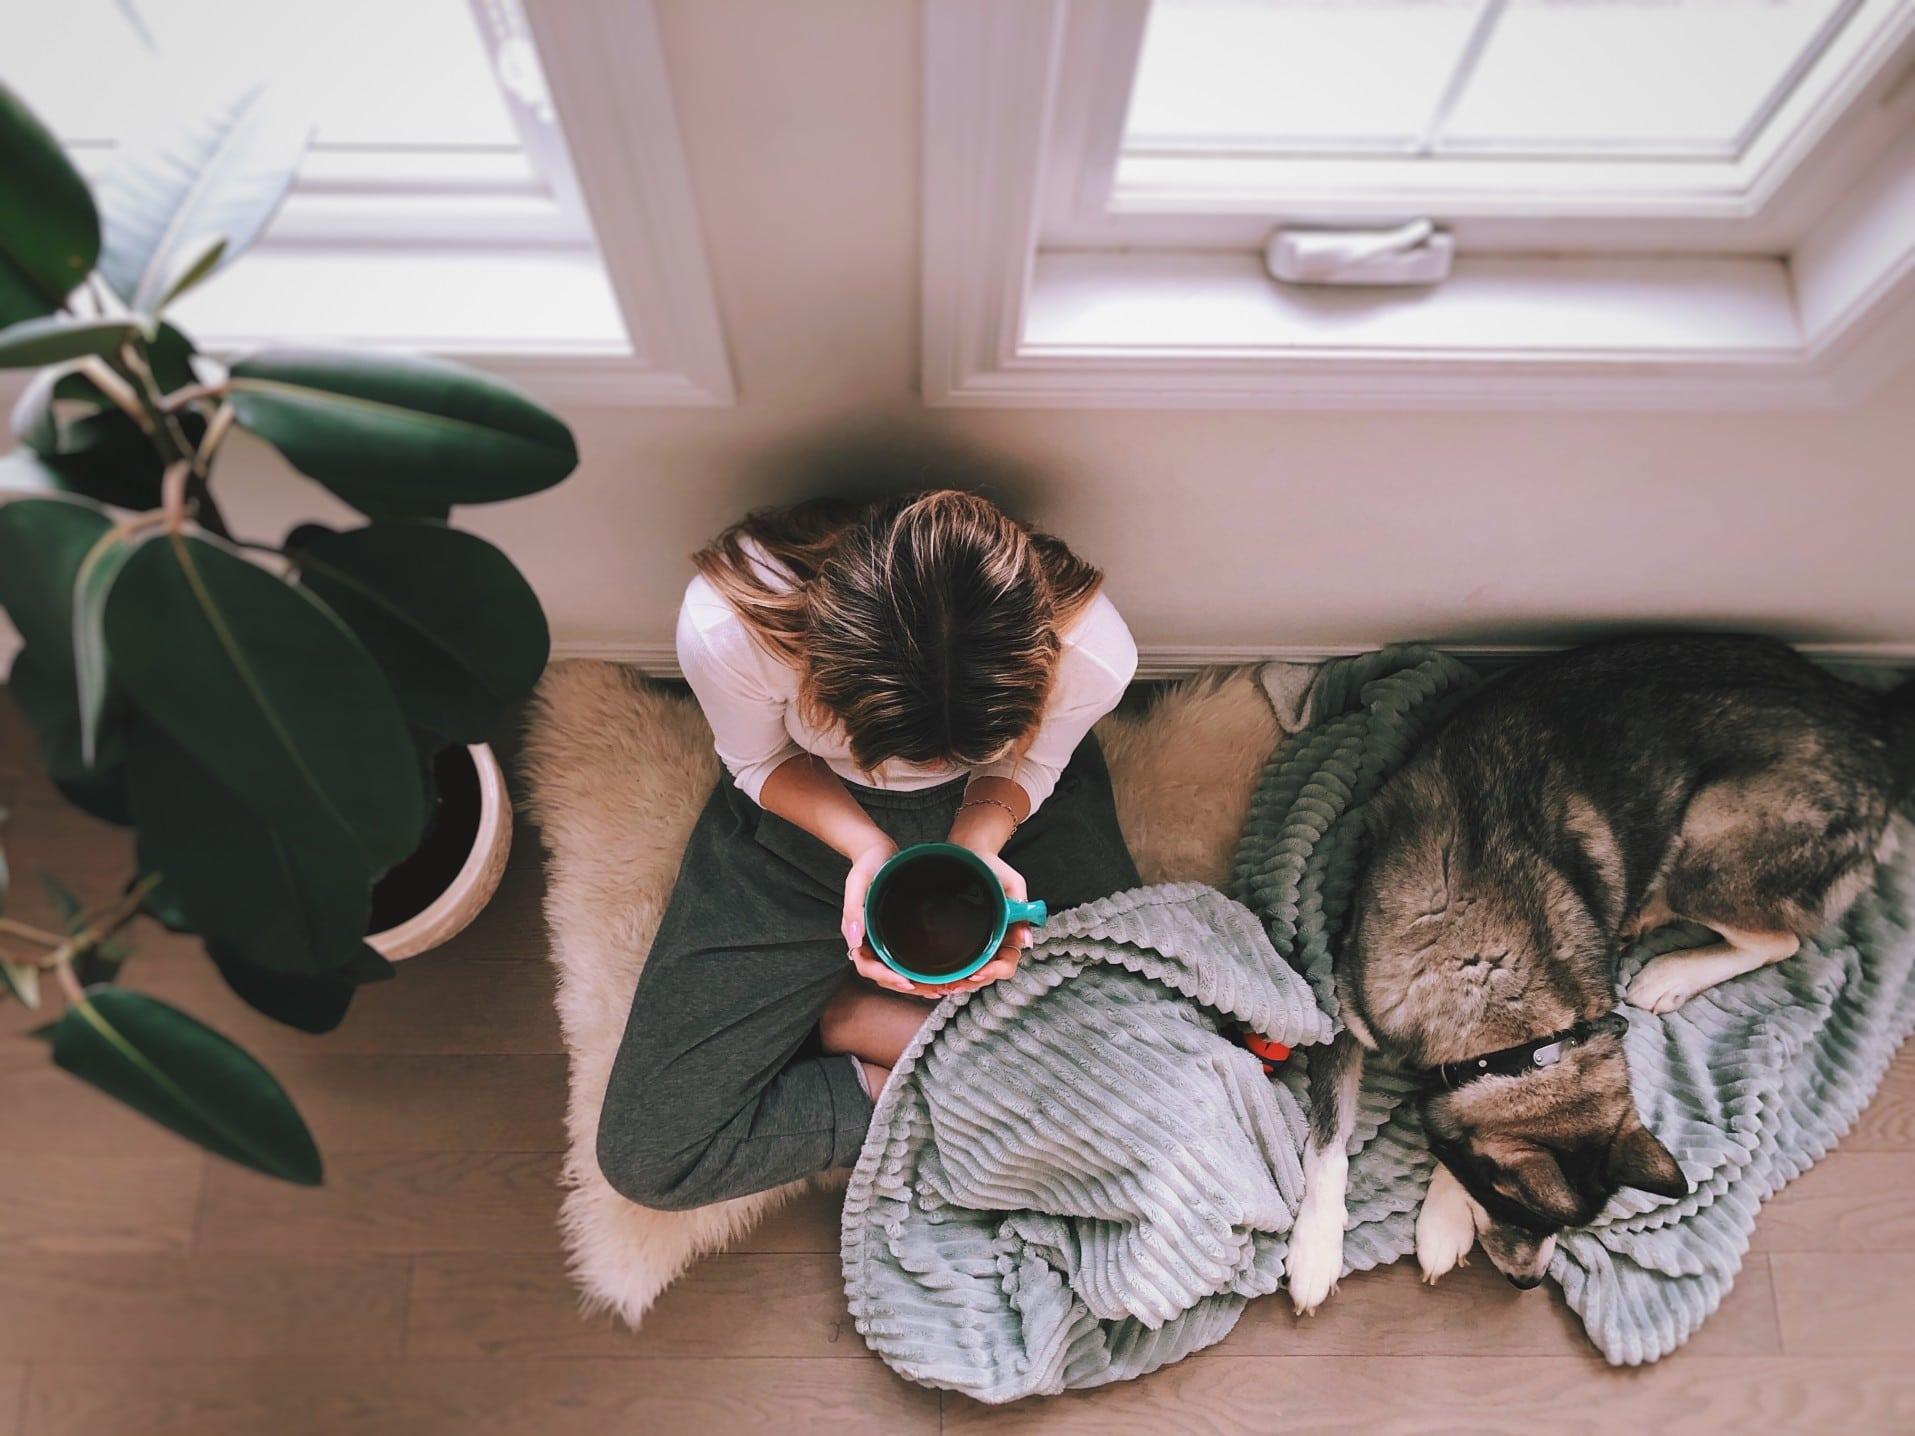 teenage-girl-with-dog-relaxing